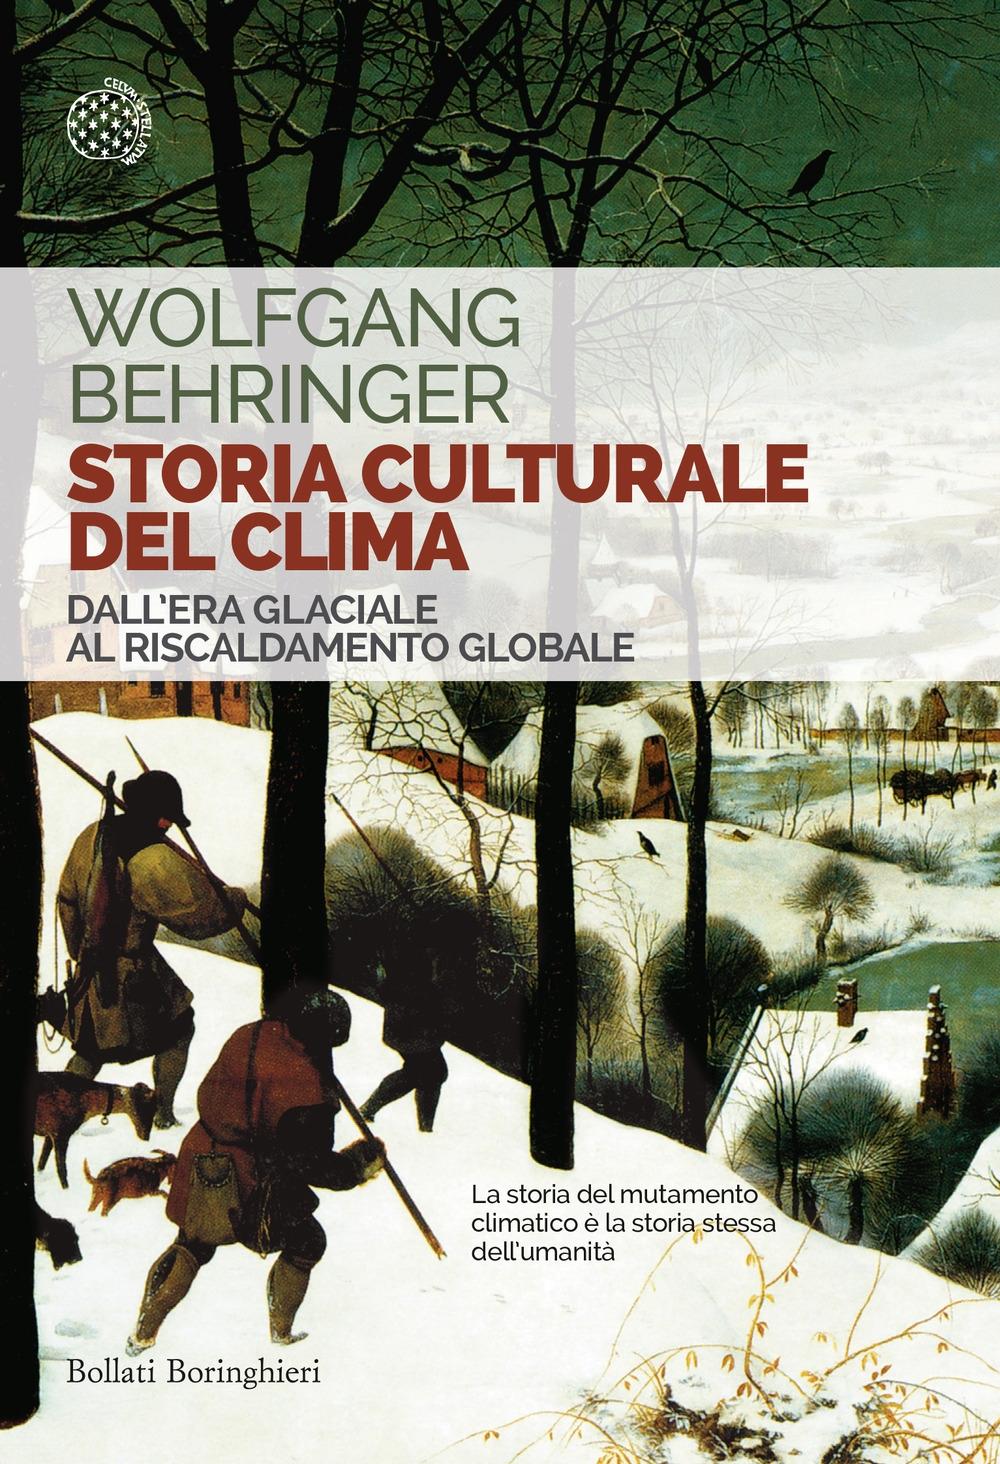 Storia culturale del clima. Dall'era glaciale al riscaldamento globale.